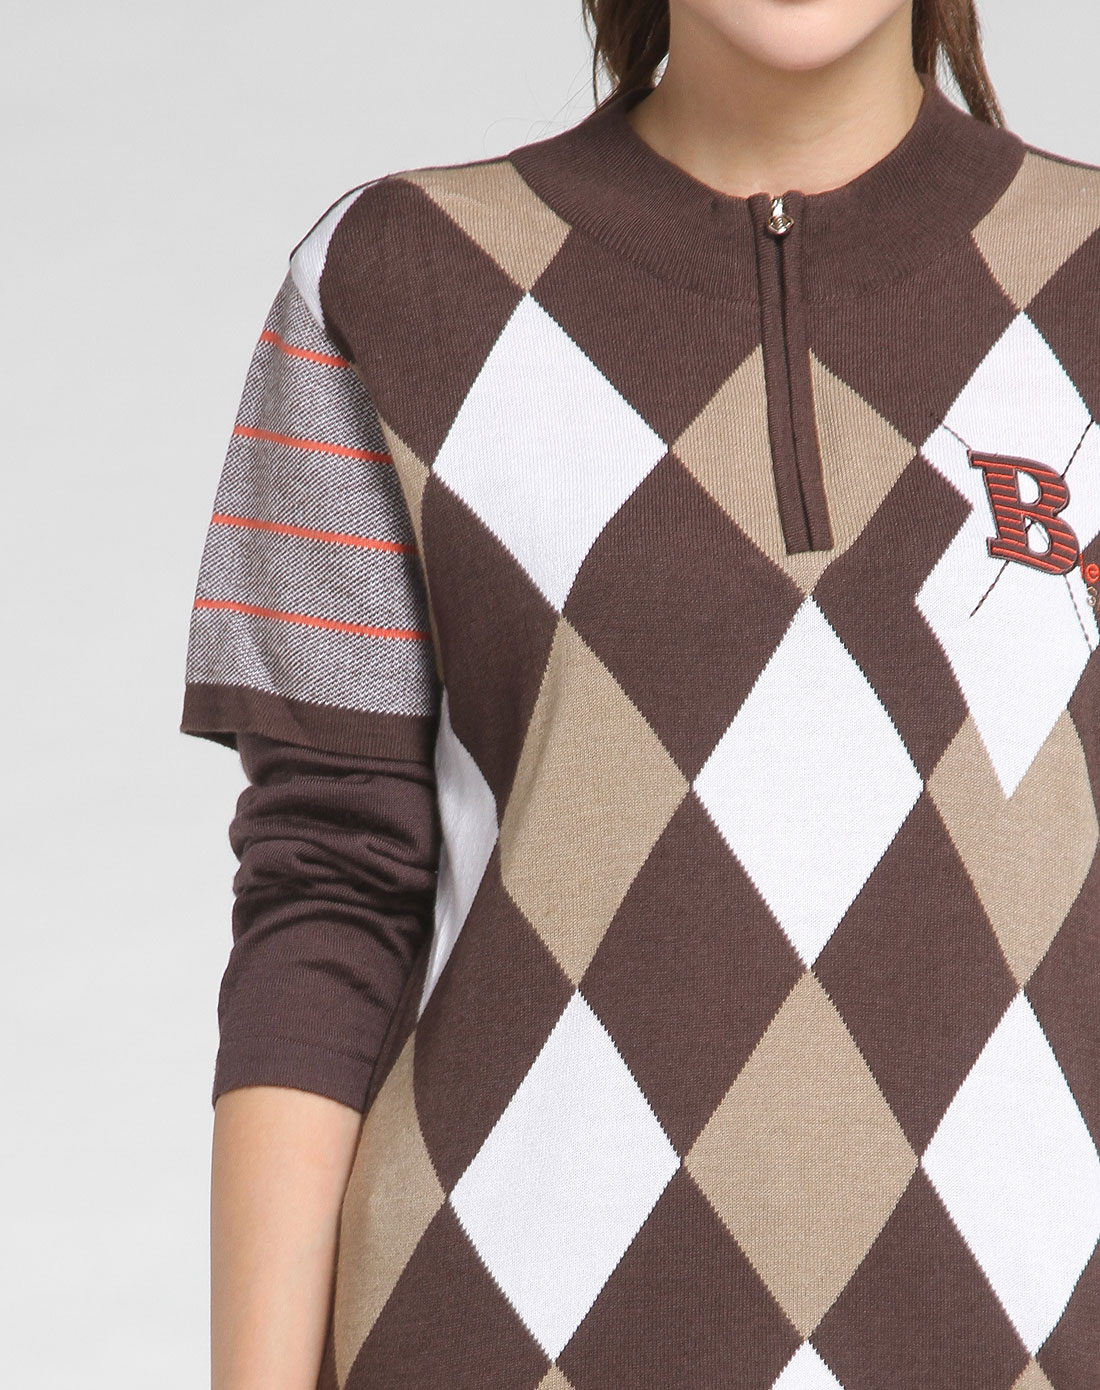 比音勒芬咖啡/白色菱形花纹长袖羊毛衣8310011200